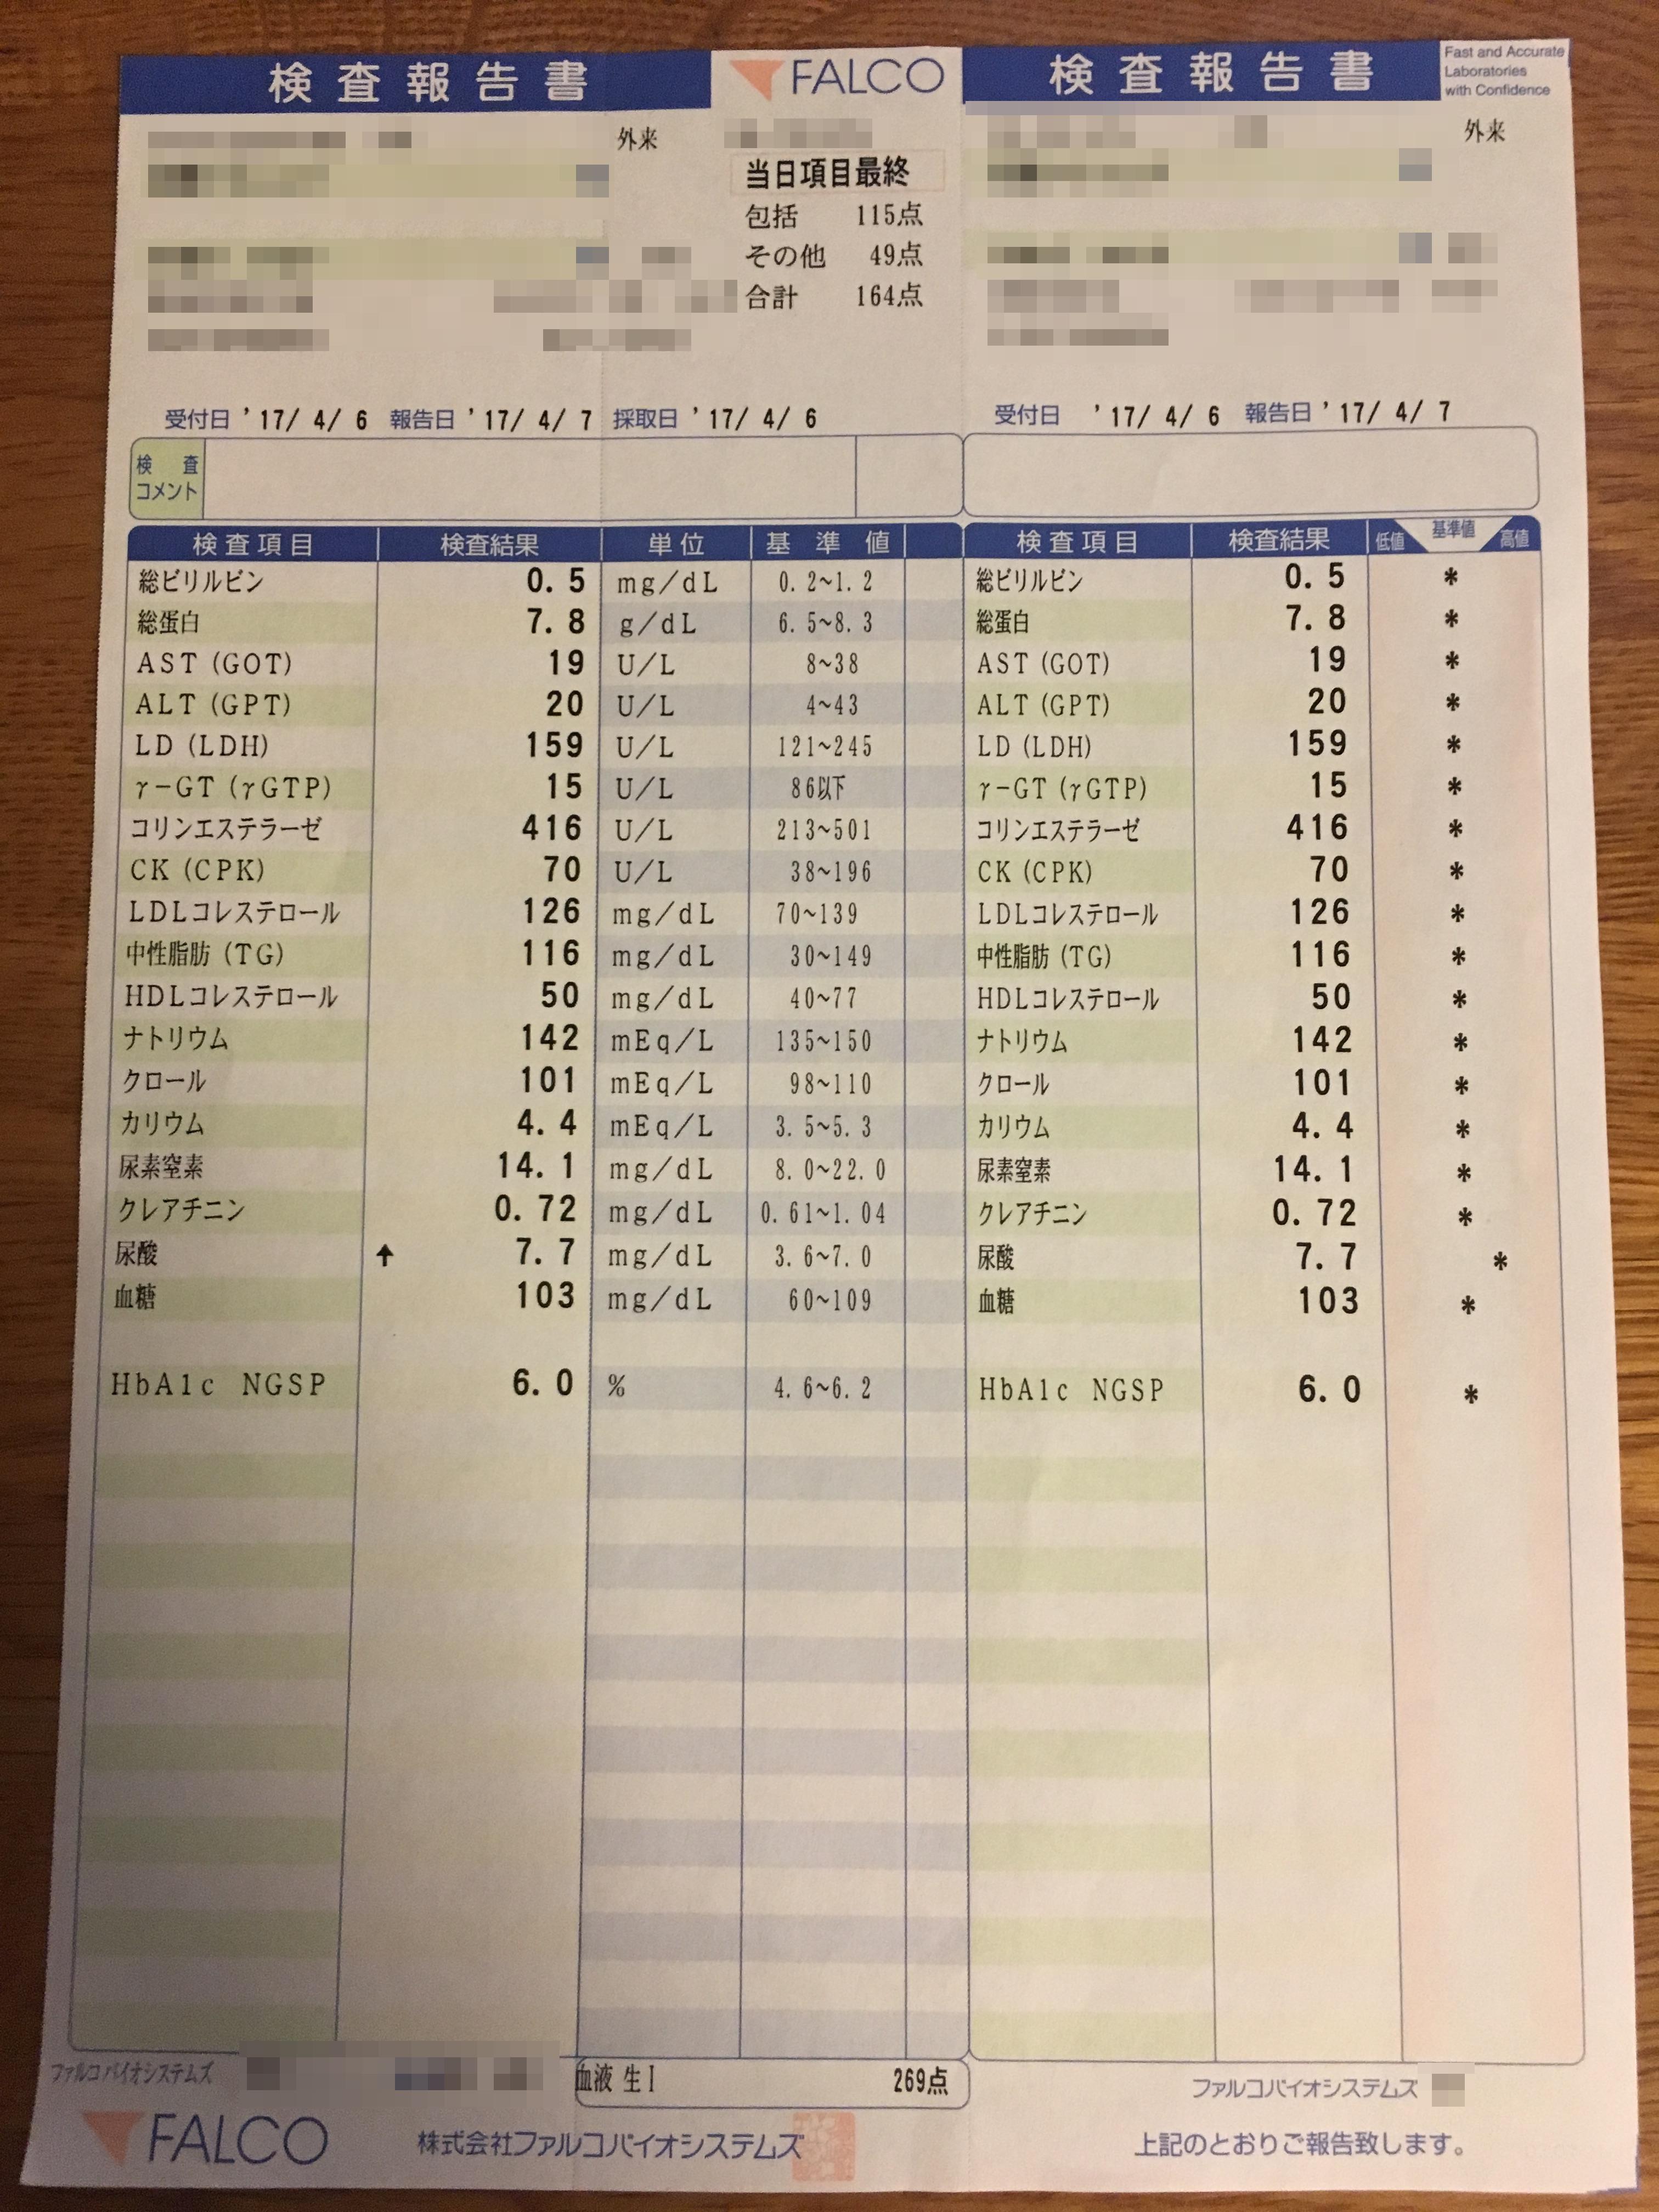 血液検査結果2016年4月